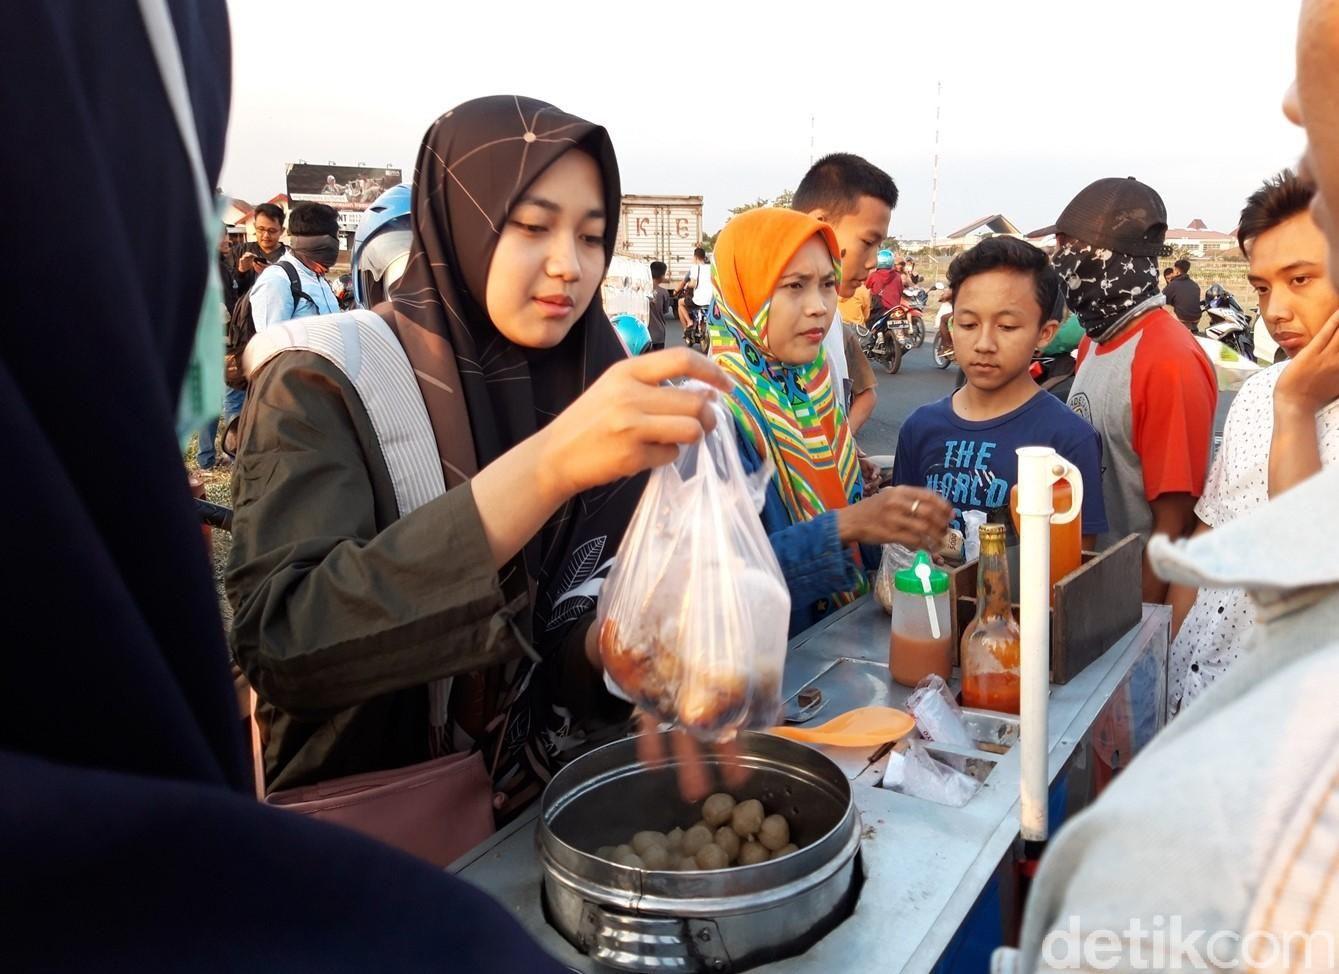 Utari Nur Alina, melayani pembeli cilok dagangannya yang viral di medsos, (8/11/2019).